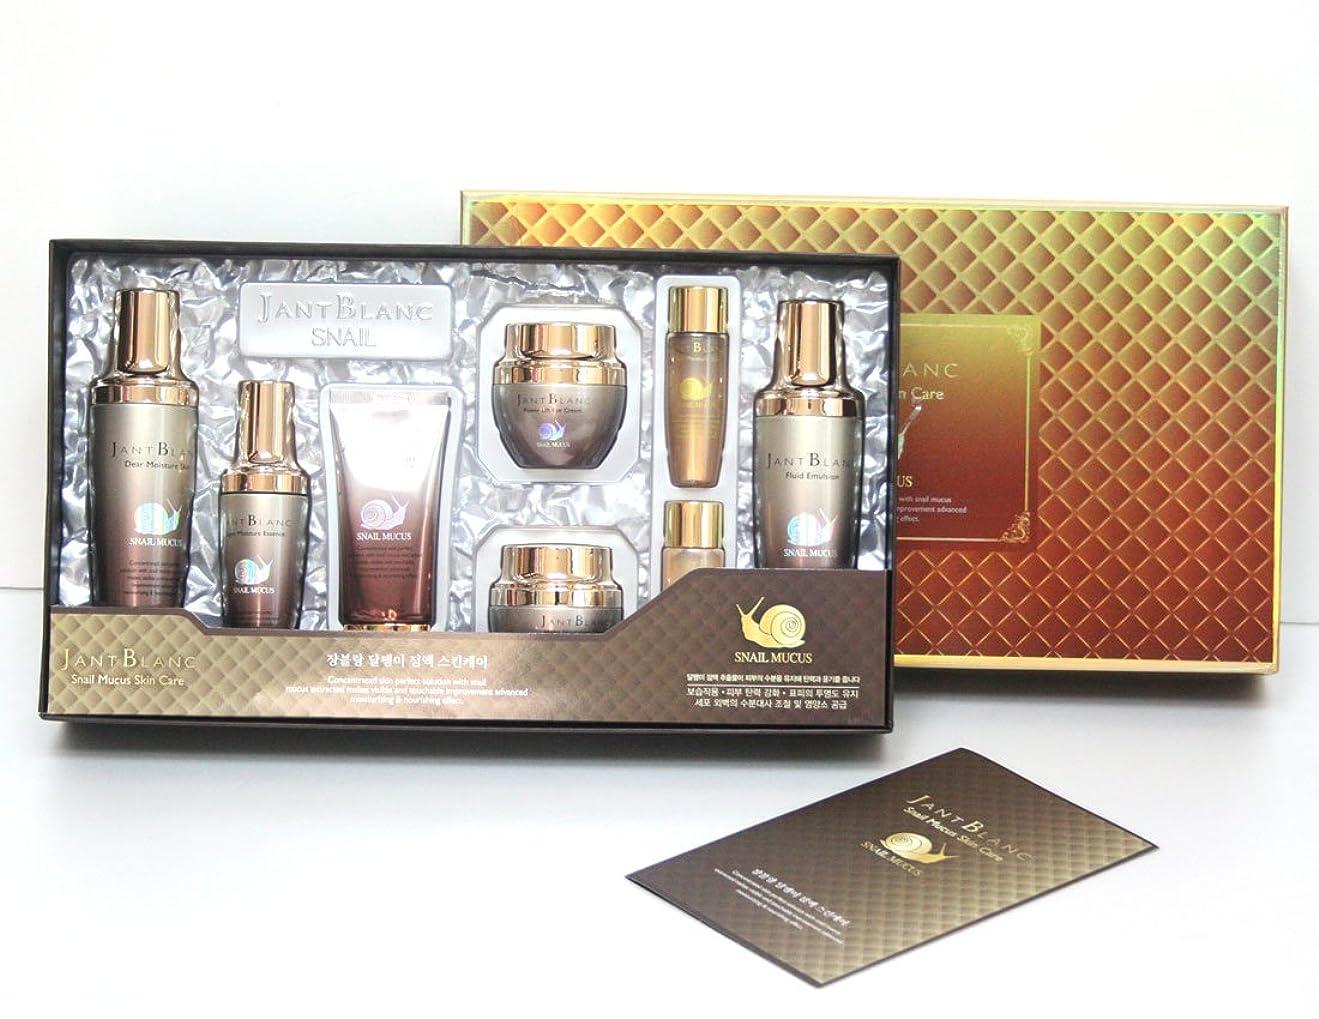 ゆるくスケート発揮する【JANT BLANC] カタツムリ粘液スキンケア6項目セット/水分/ Snail Mucus Skin Care 6 Item Set / 韓国化粧品 / Korean Cosmetics [並行輸入品]